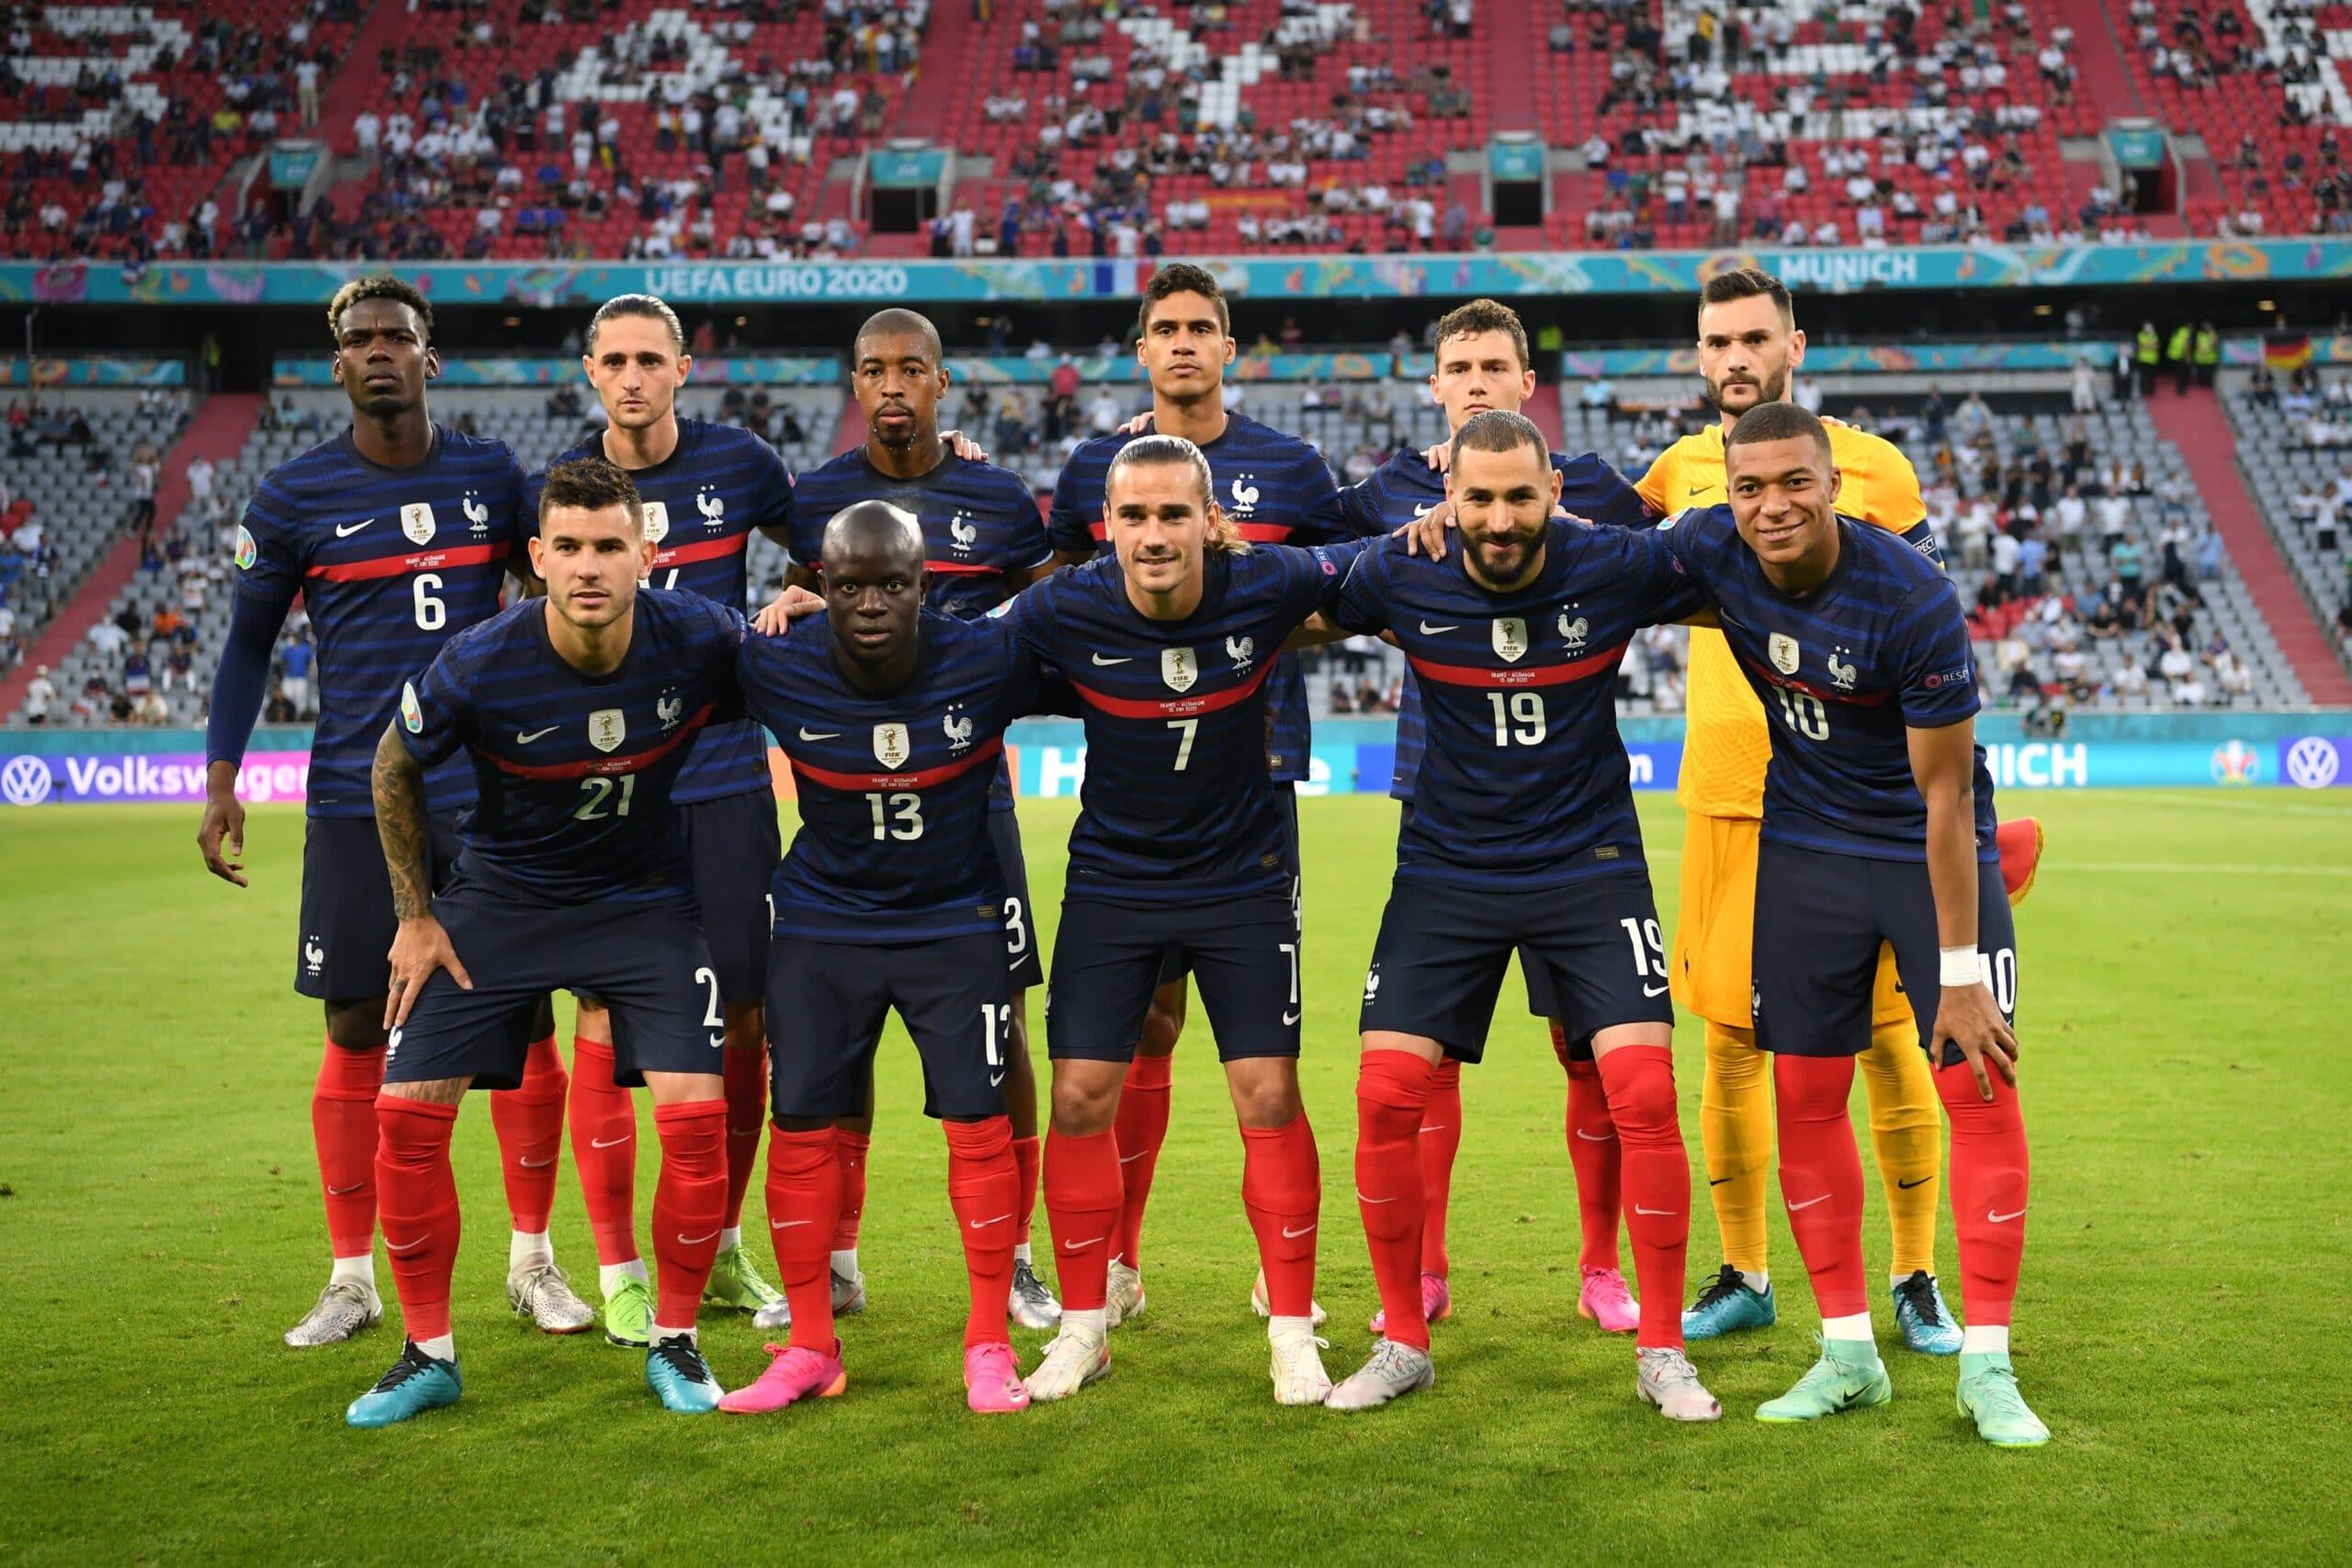 موعد مباراة منتخب فرنسا وهنغاريا اليوم في اليورو والقنوات الناقلة